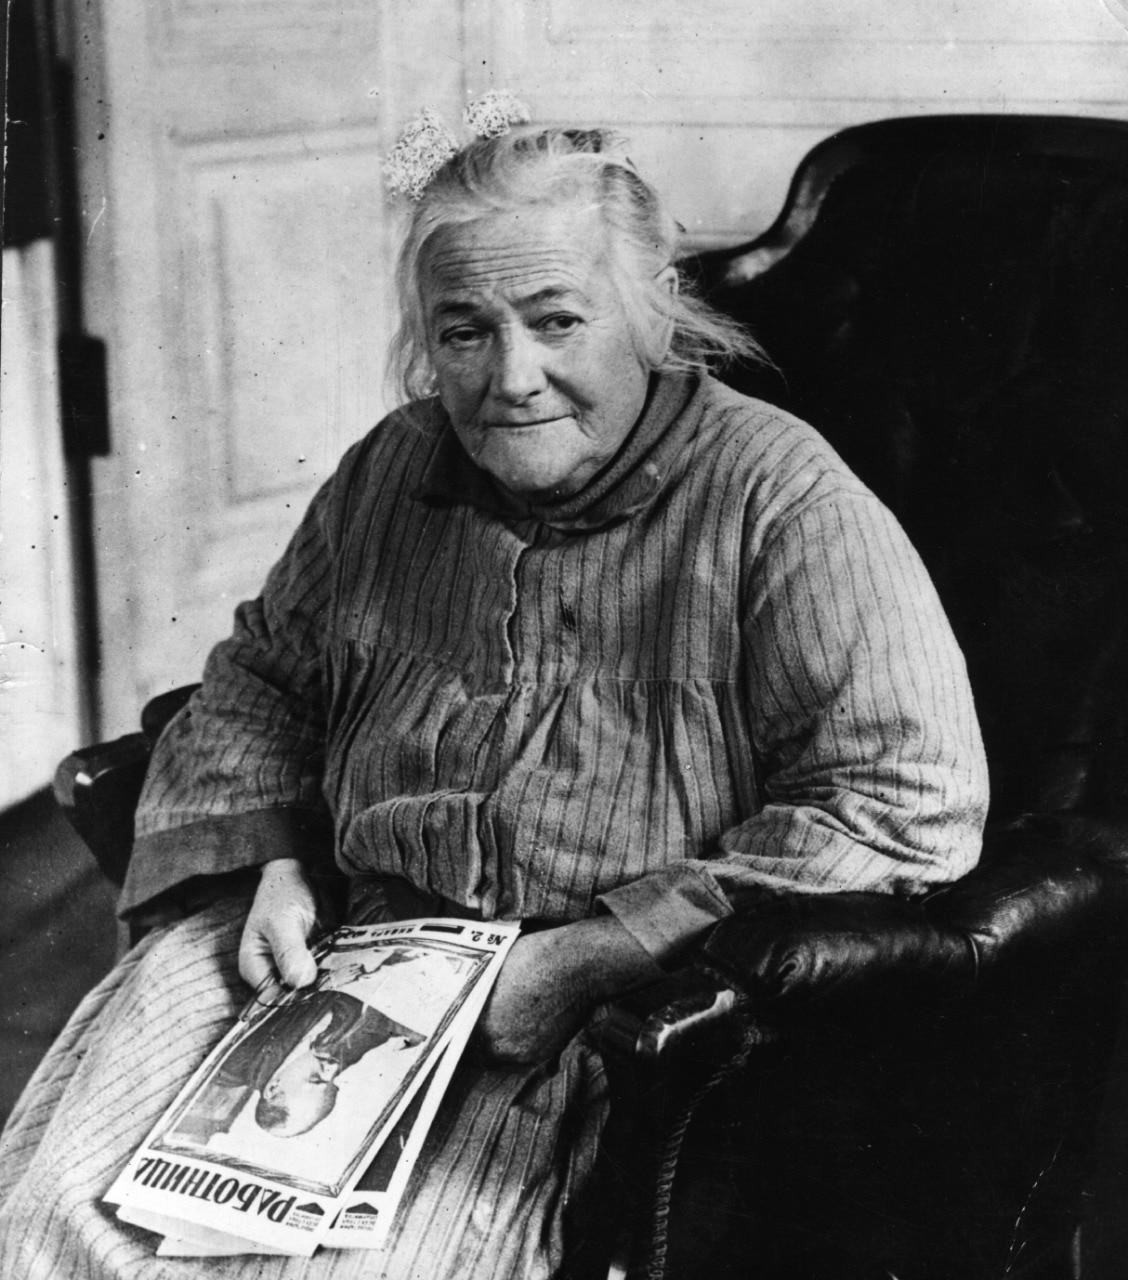 क्लारा जेटकिन जर्मनी की कम्युनिस्ट पार्टी की सदस्य थीं. महिलाओं और मजदूरों के अधिकारों के लिए उन्होंने ताउम्र संघर्ष किया. हिटलर के सत्ता में आने के बाद उन्हें जर्मनी छोड़कर जाना पड़ा.